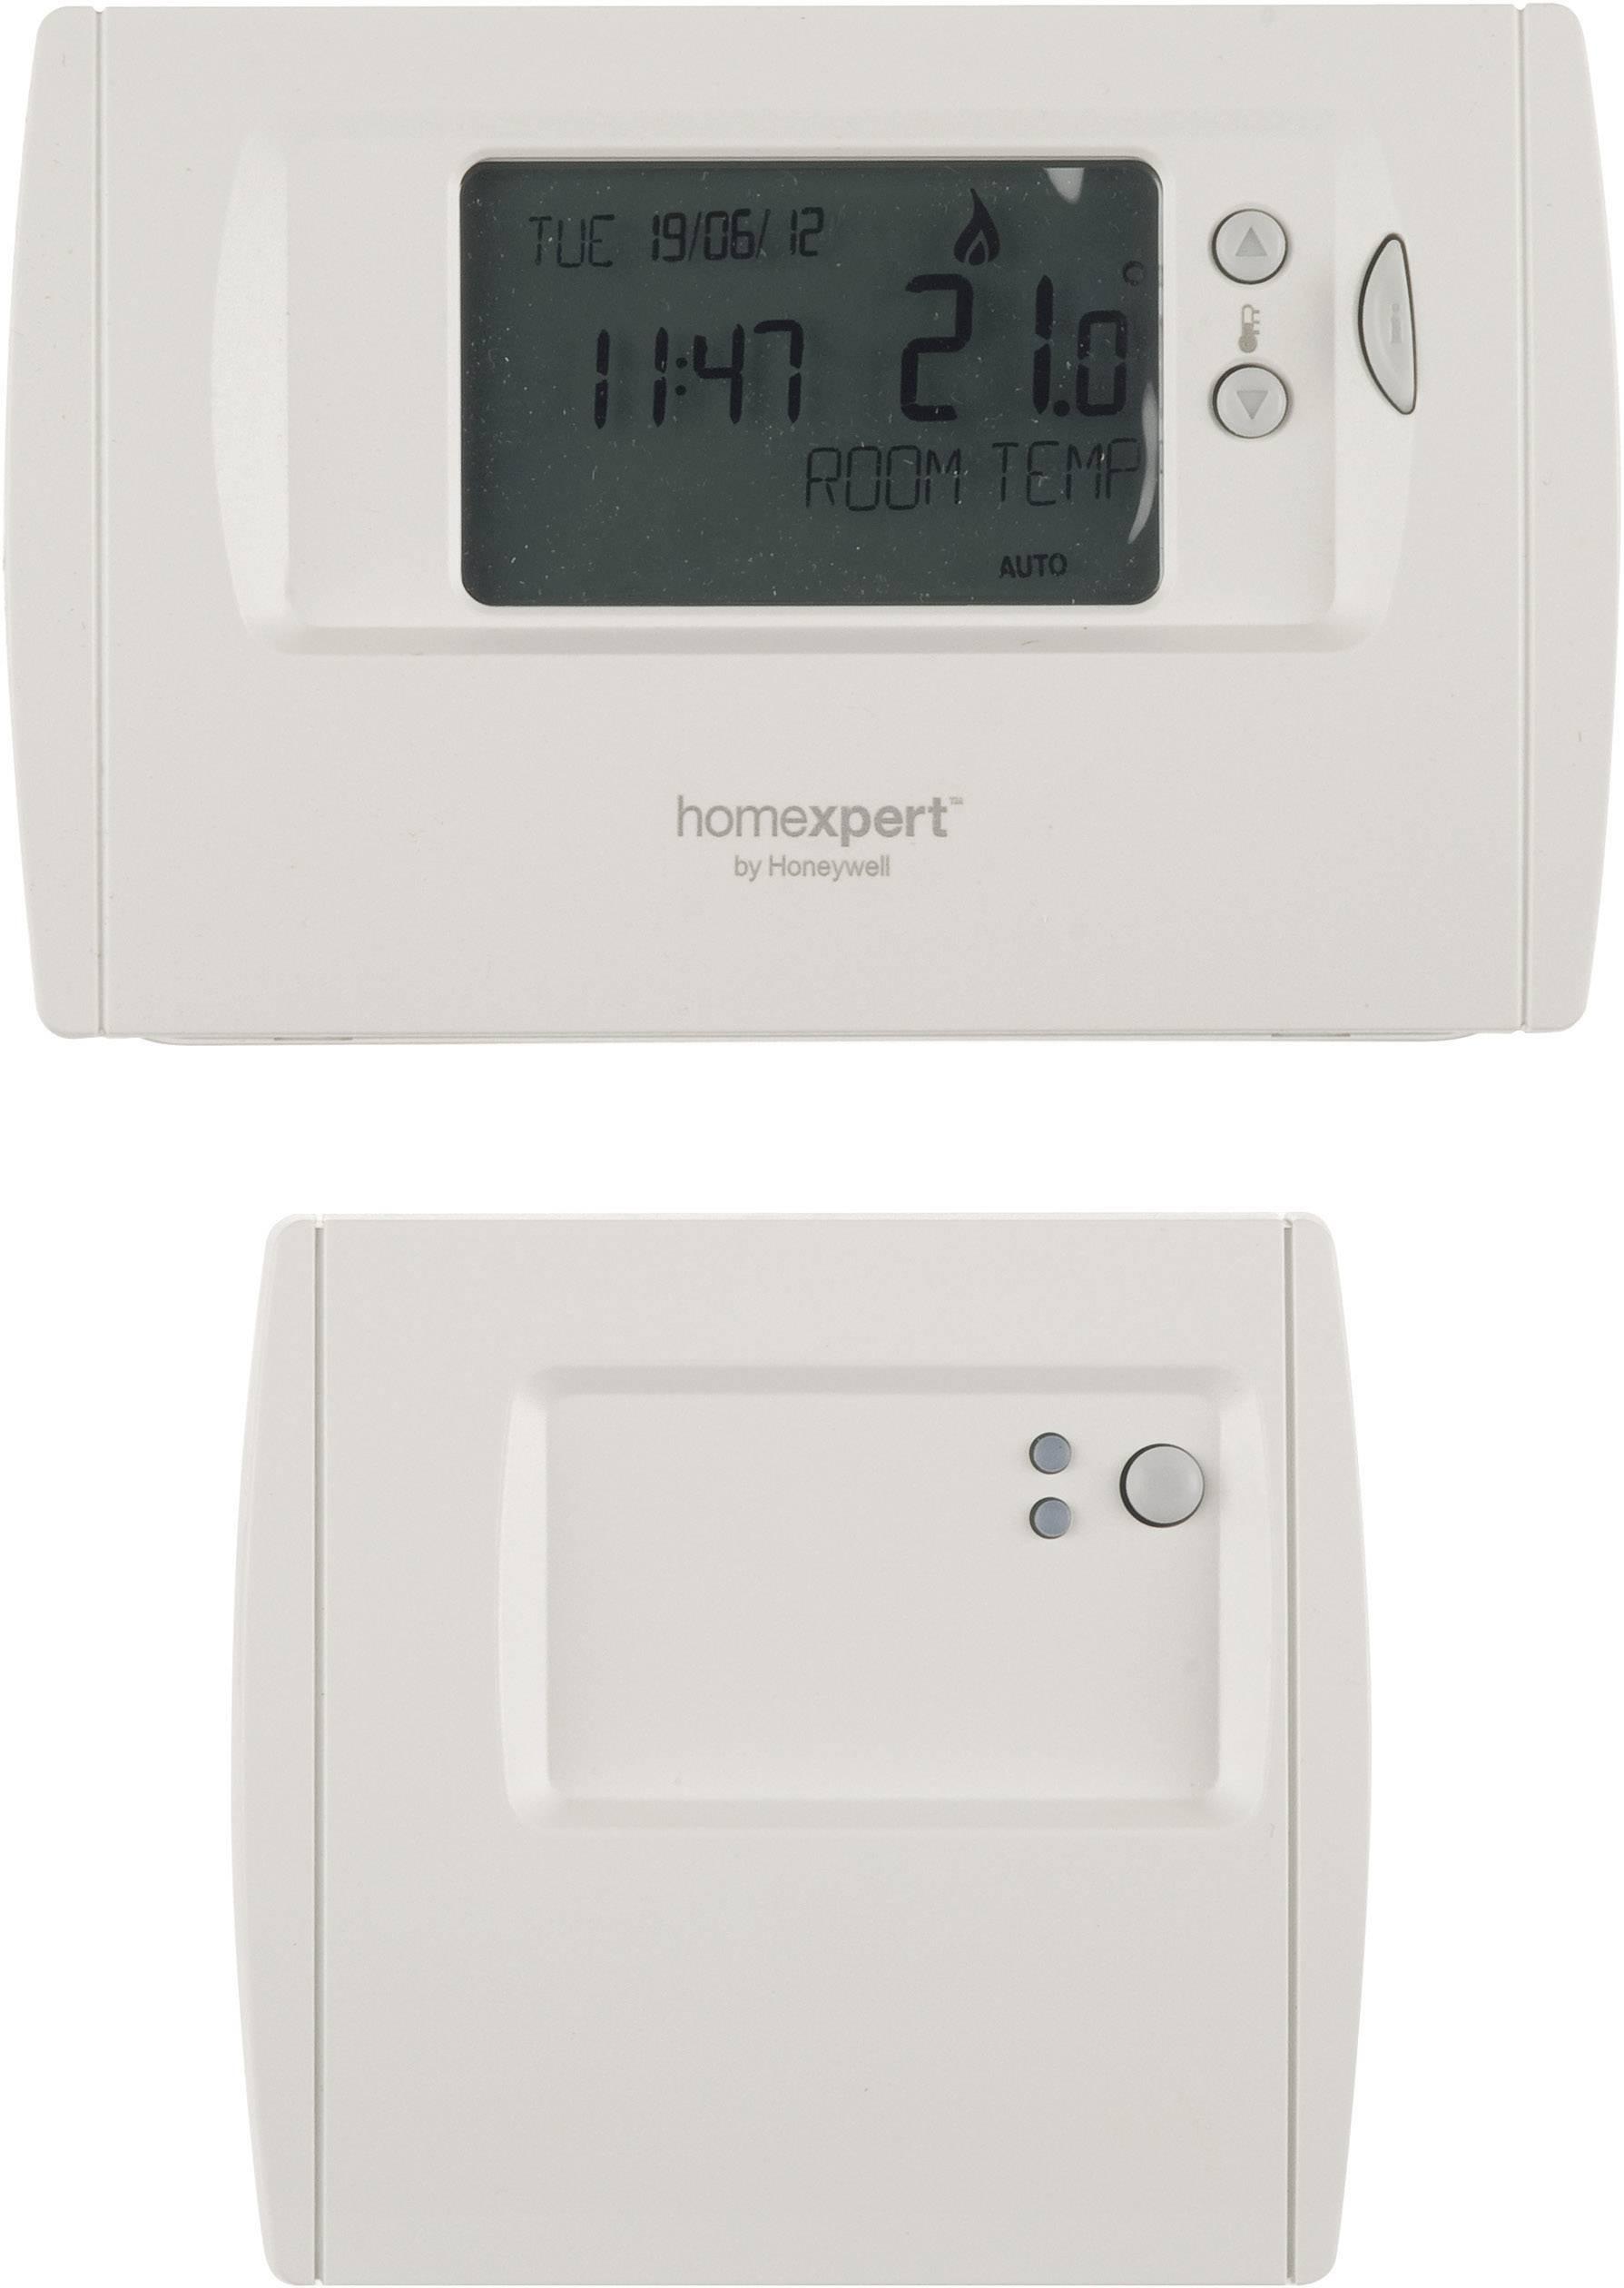 Programovatelný termostat s LCD Homexpert by Honeywell THR872CBG, bílá